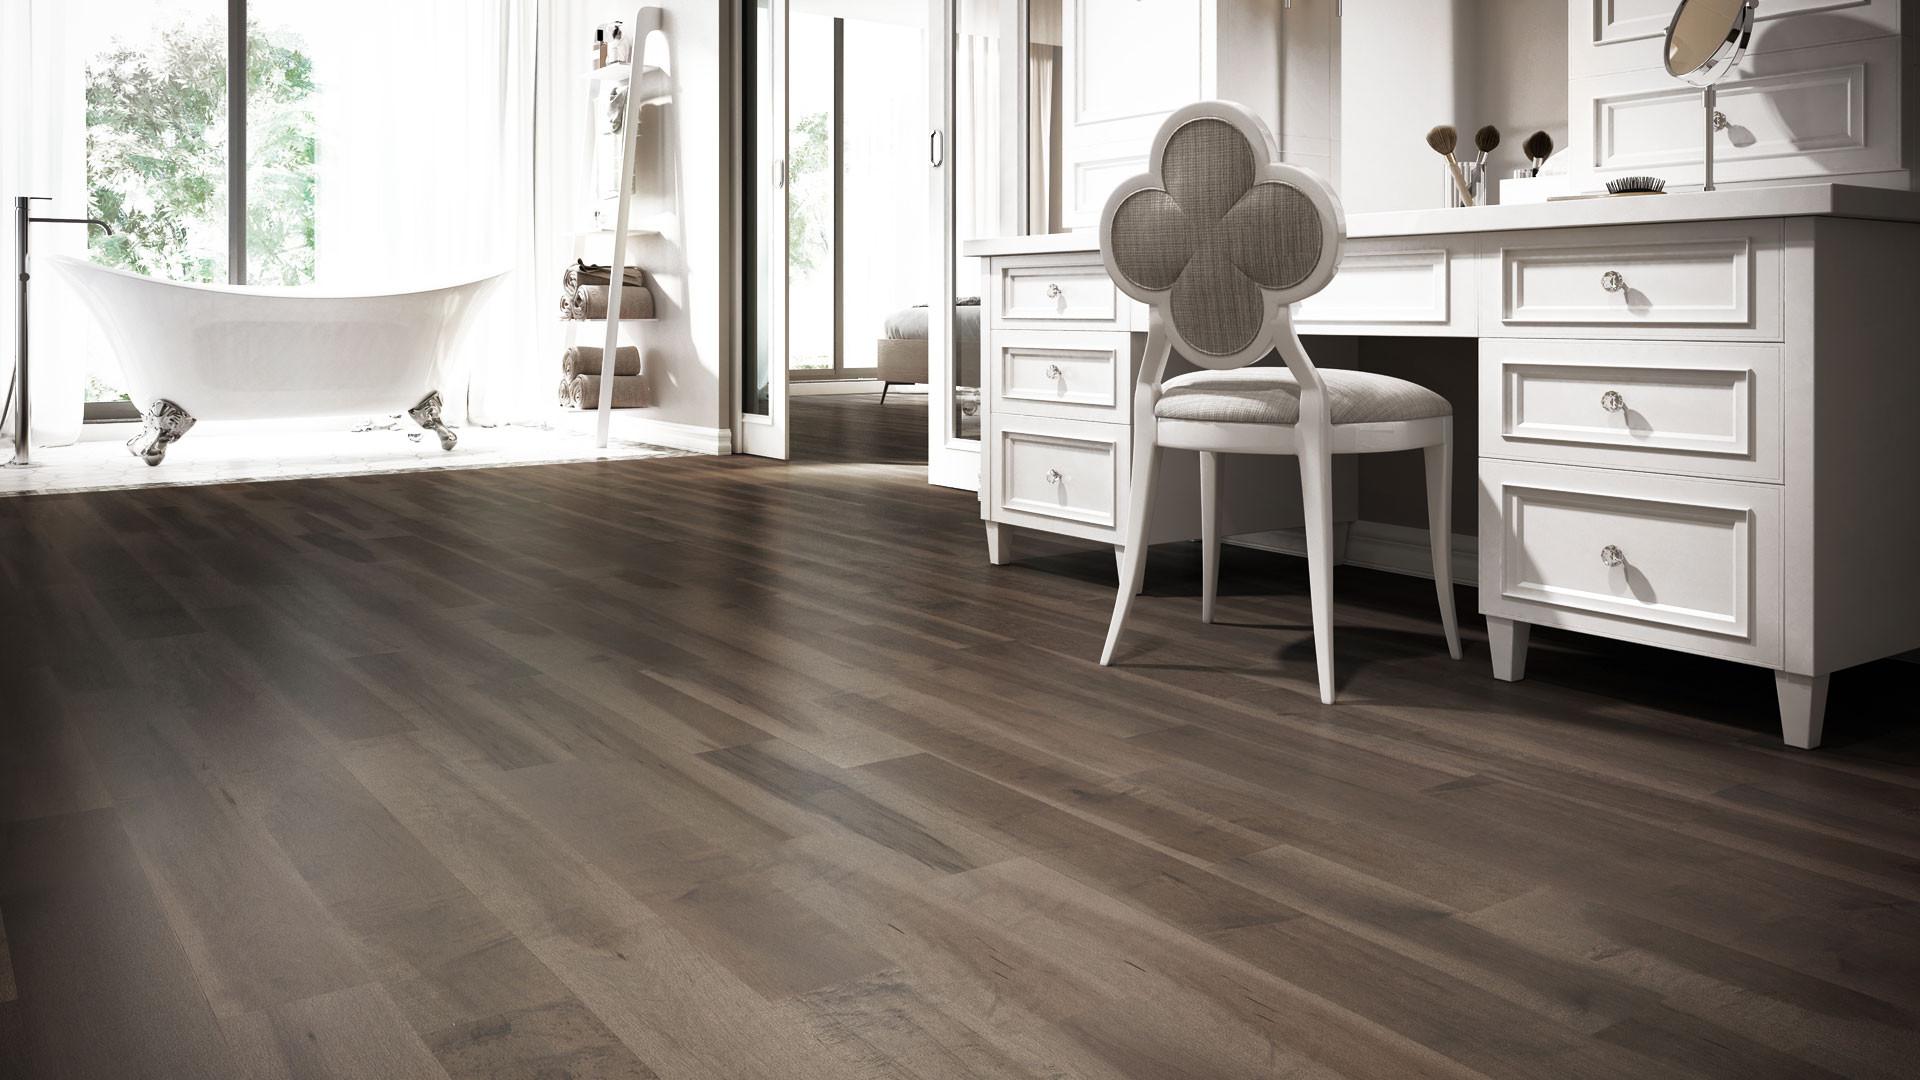 trending hardwood floor colors 2017 of 4 latest hardwood flooring trends lauzon flooring pertaining to top 4 hardwood flooring trends